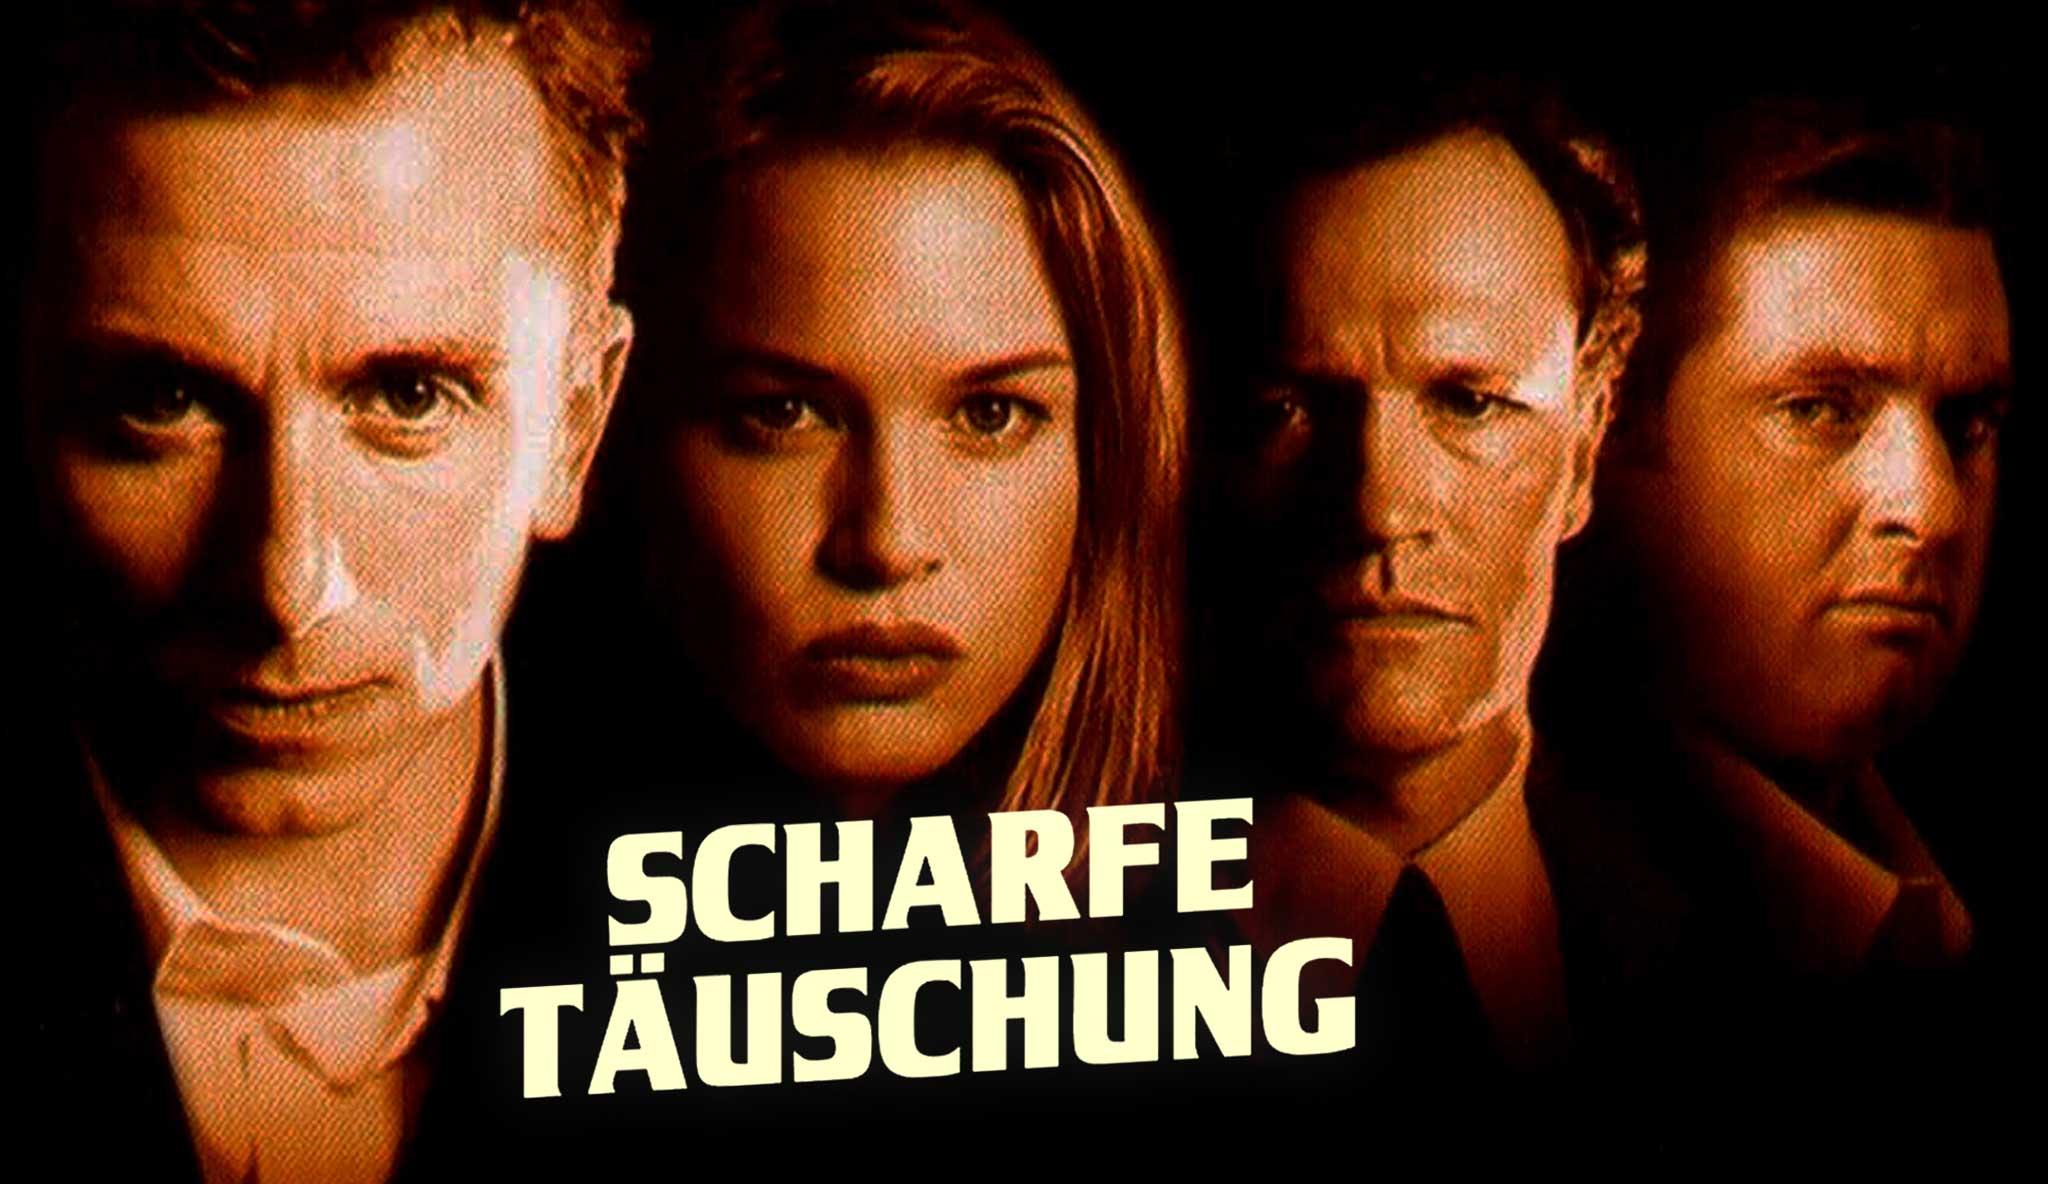 scharfe-tauschung\header.jpg